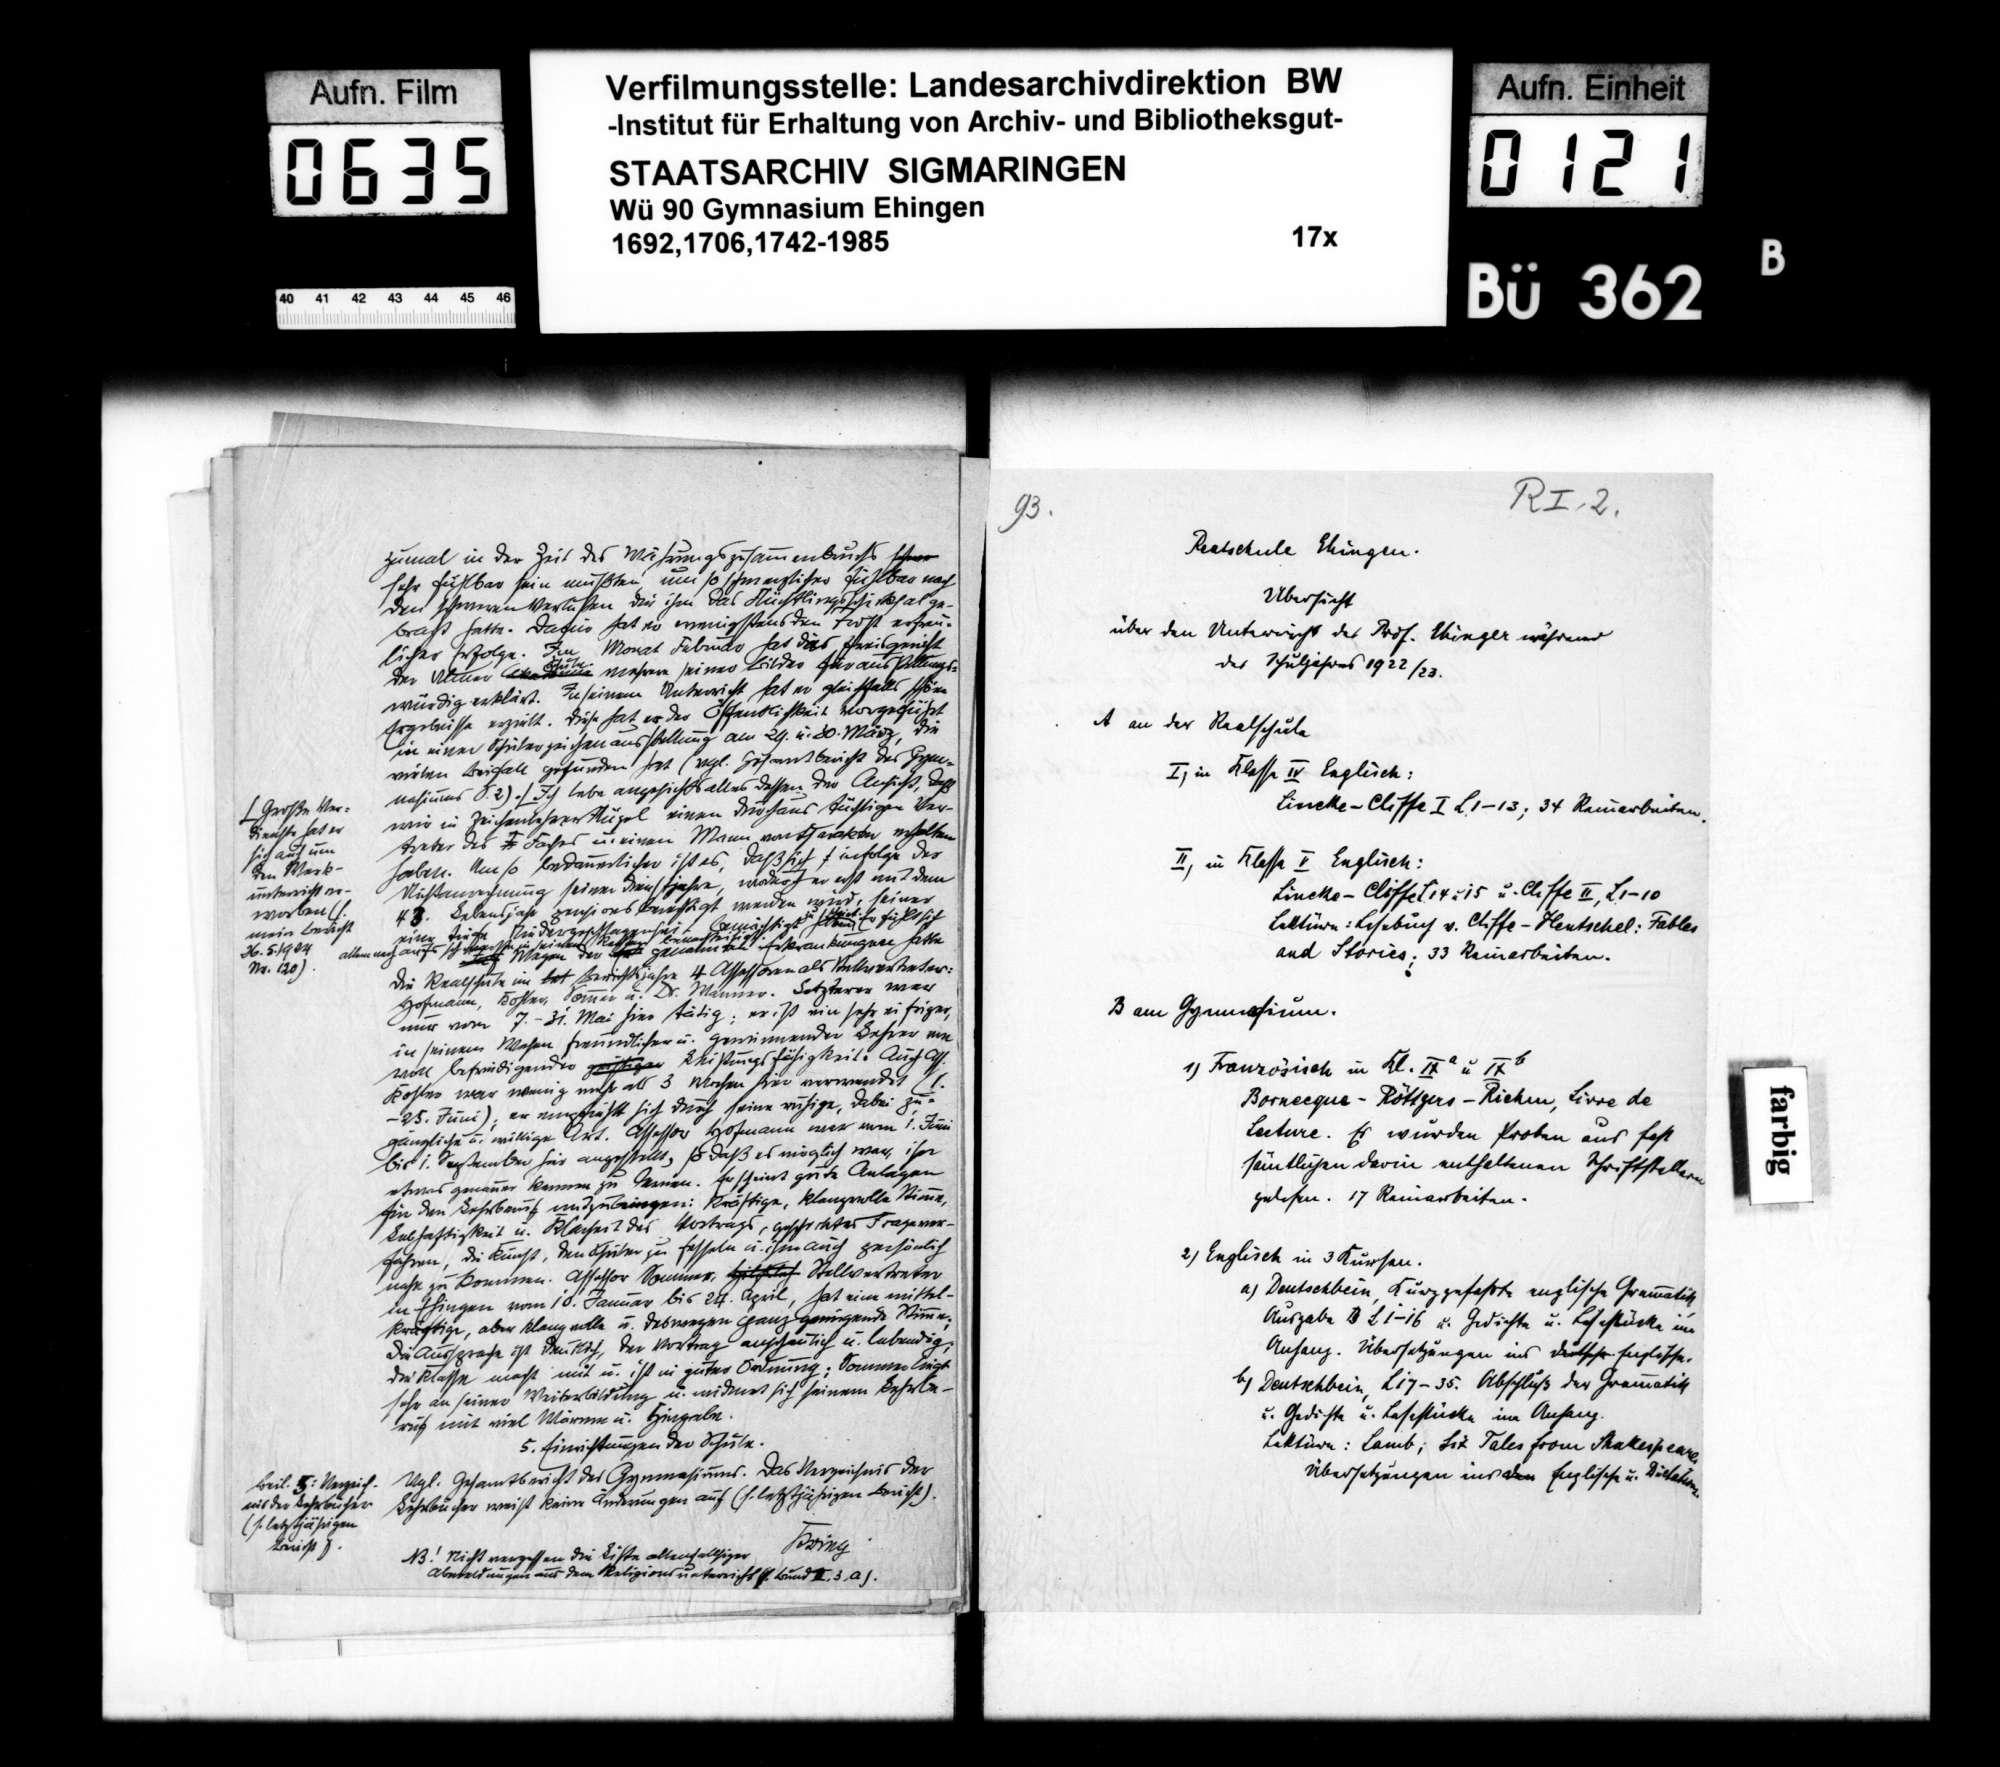 Rechenschaftsberichte und Visitationen, Allgemeines und Einzelfälle, Bild 120